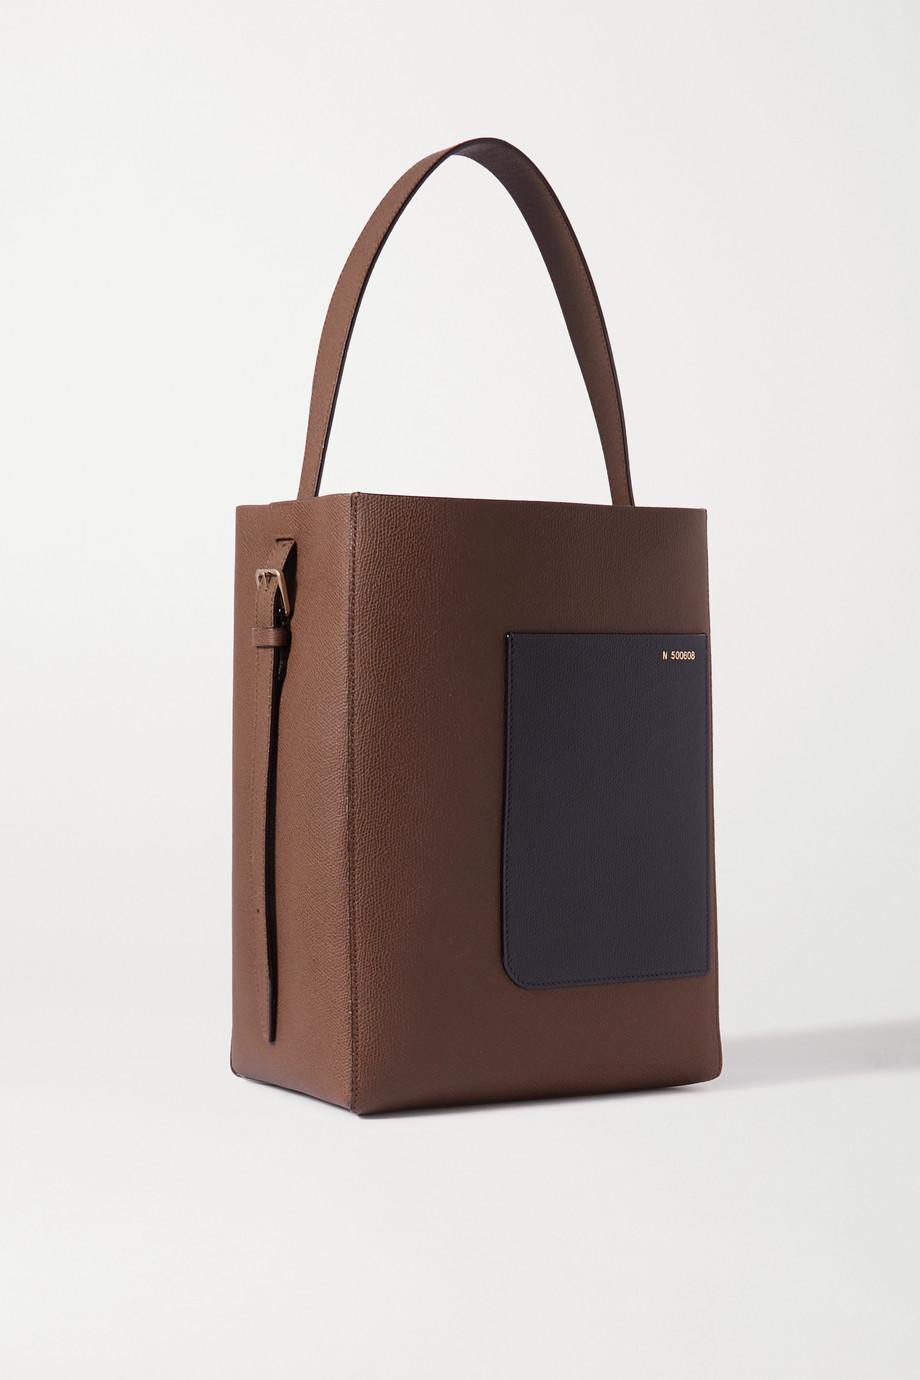 Valextra Secchiello zweifarbige Schultertasche aus strukturiertem Leder